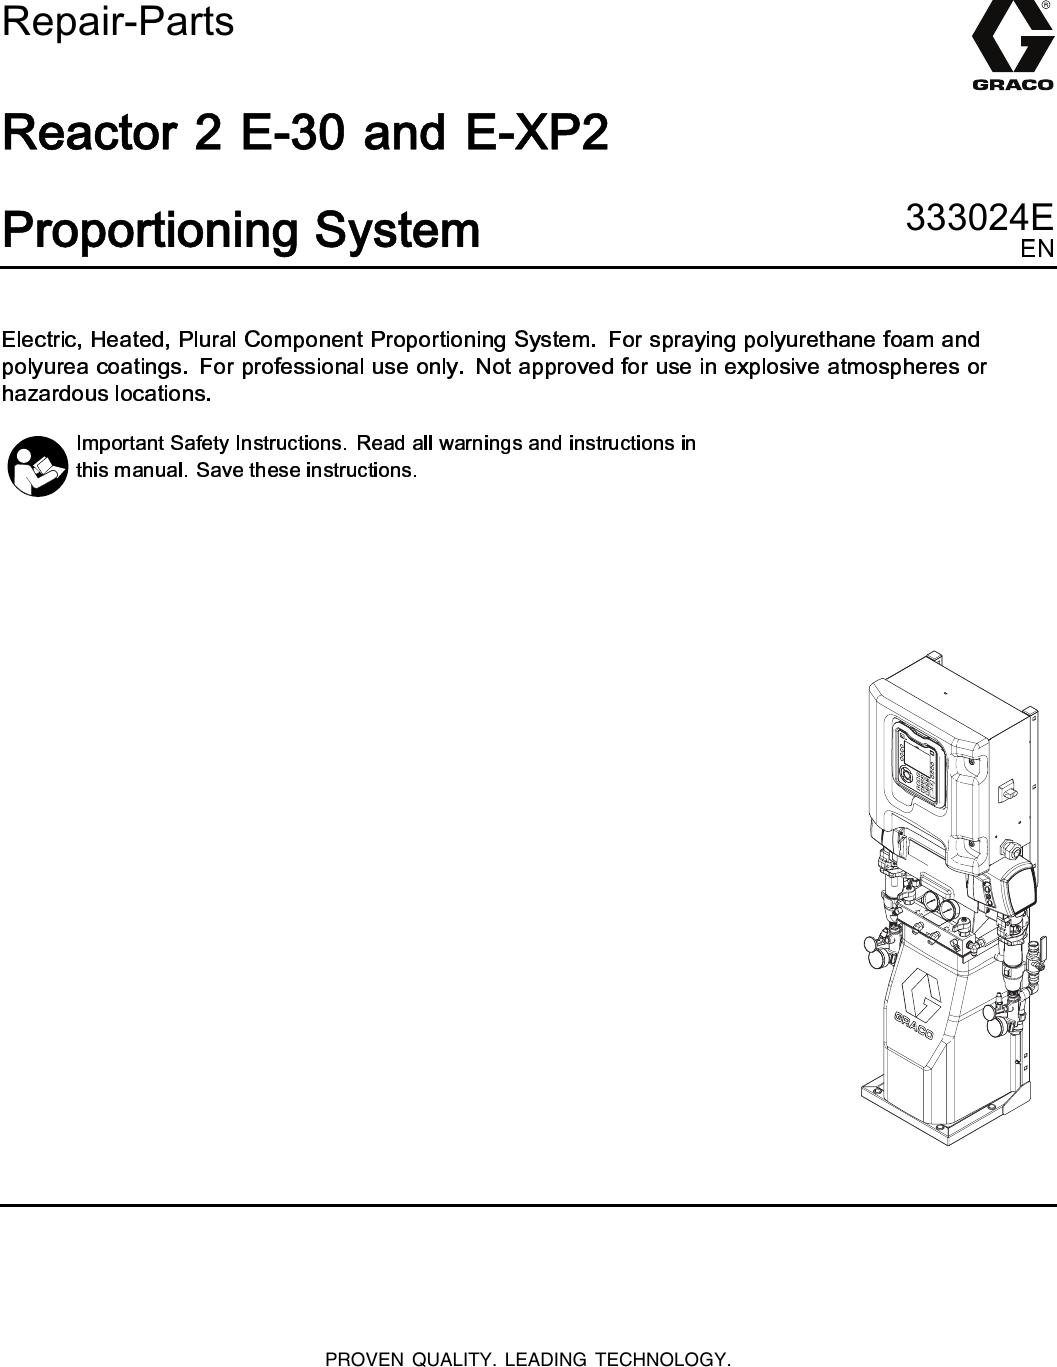 graco reactor e xp2 repair manual